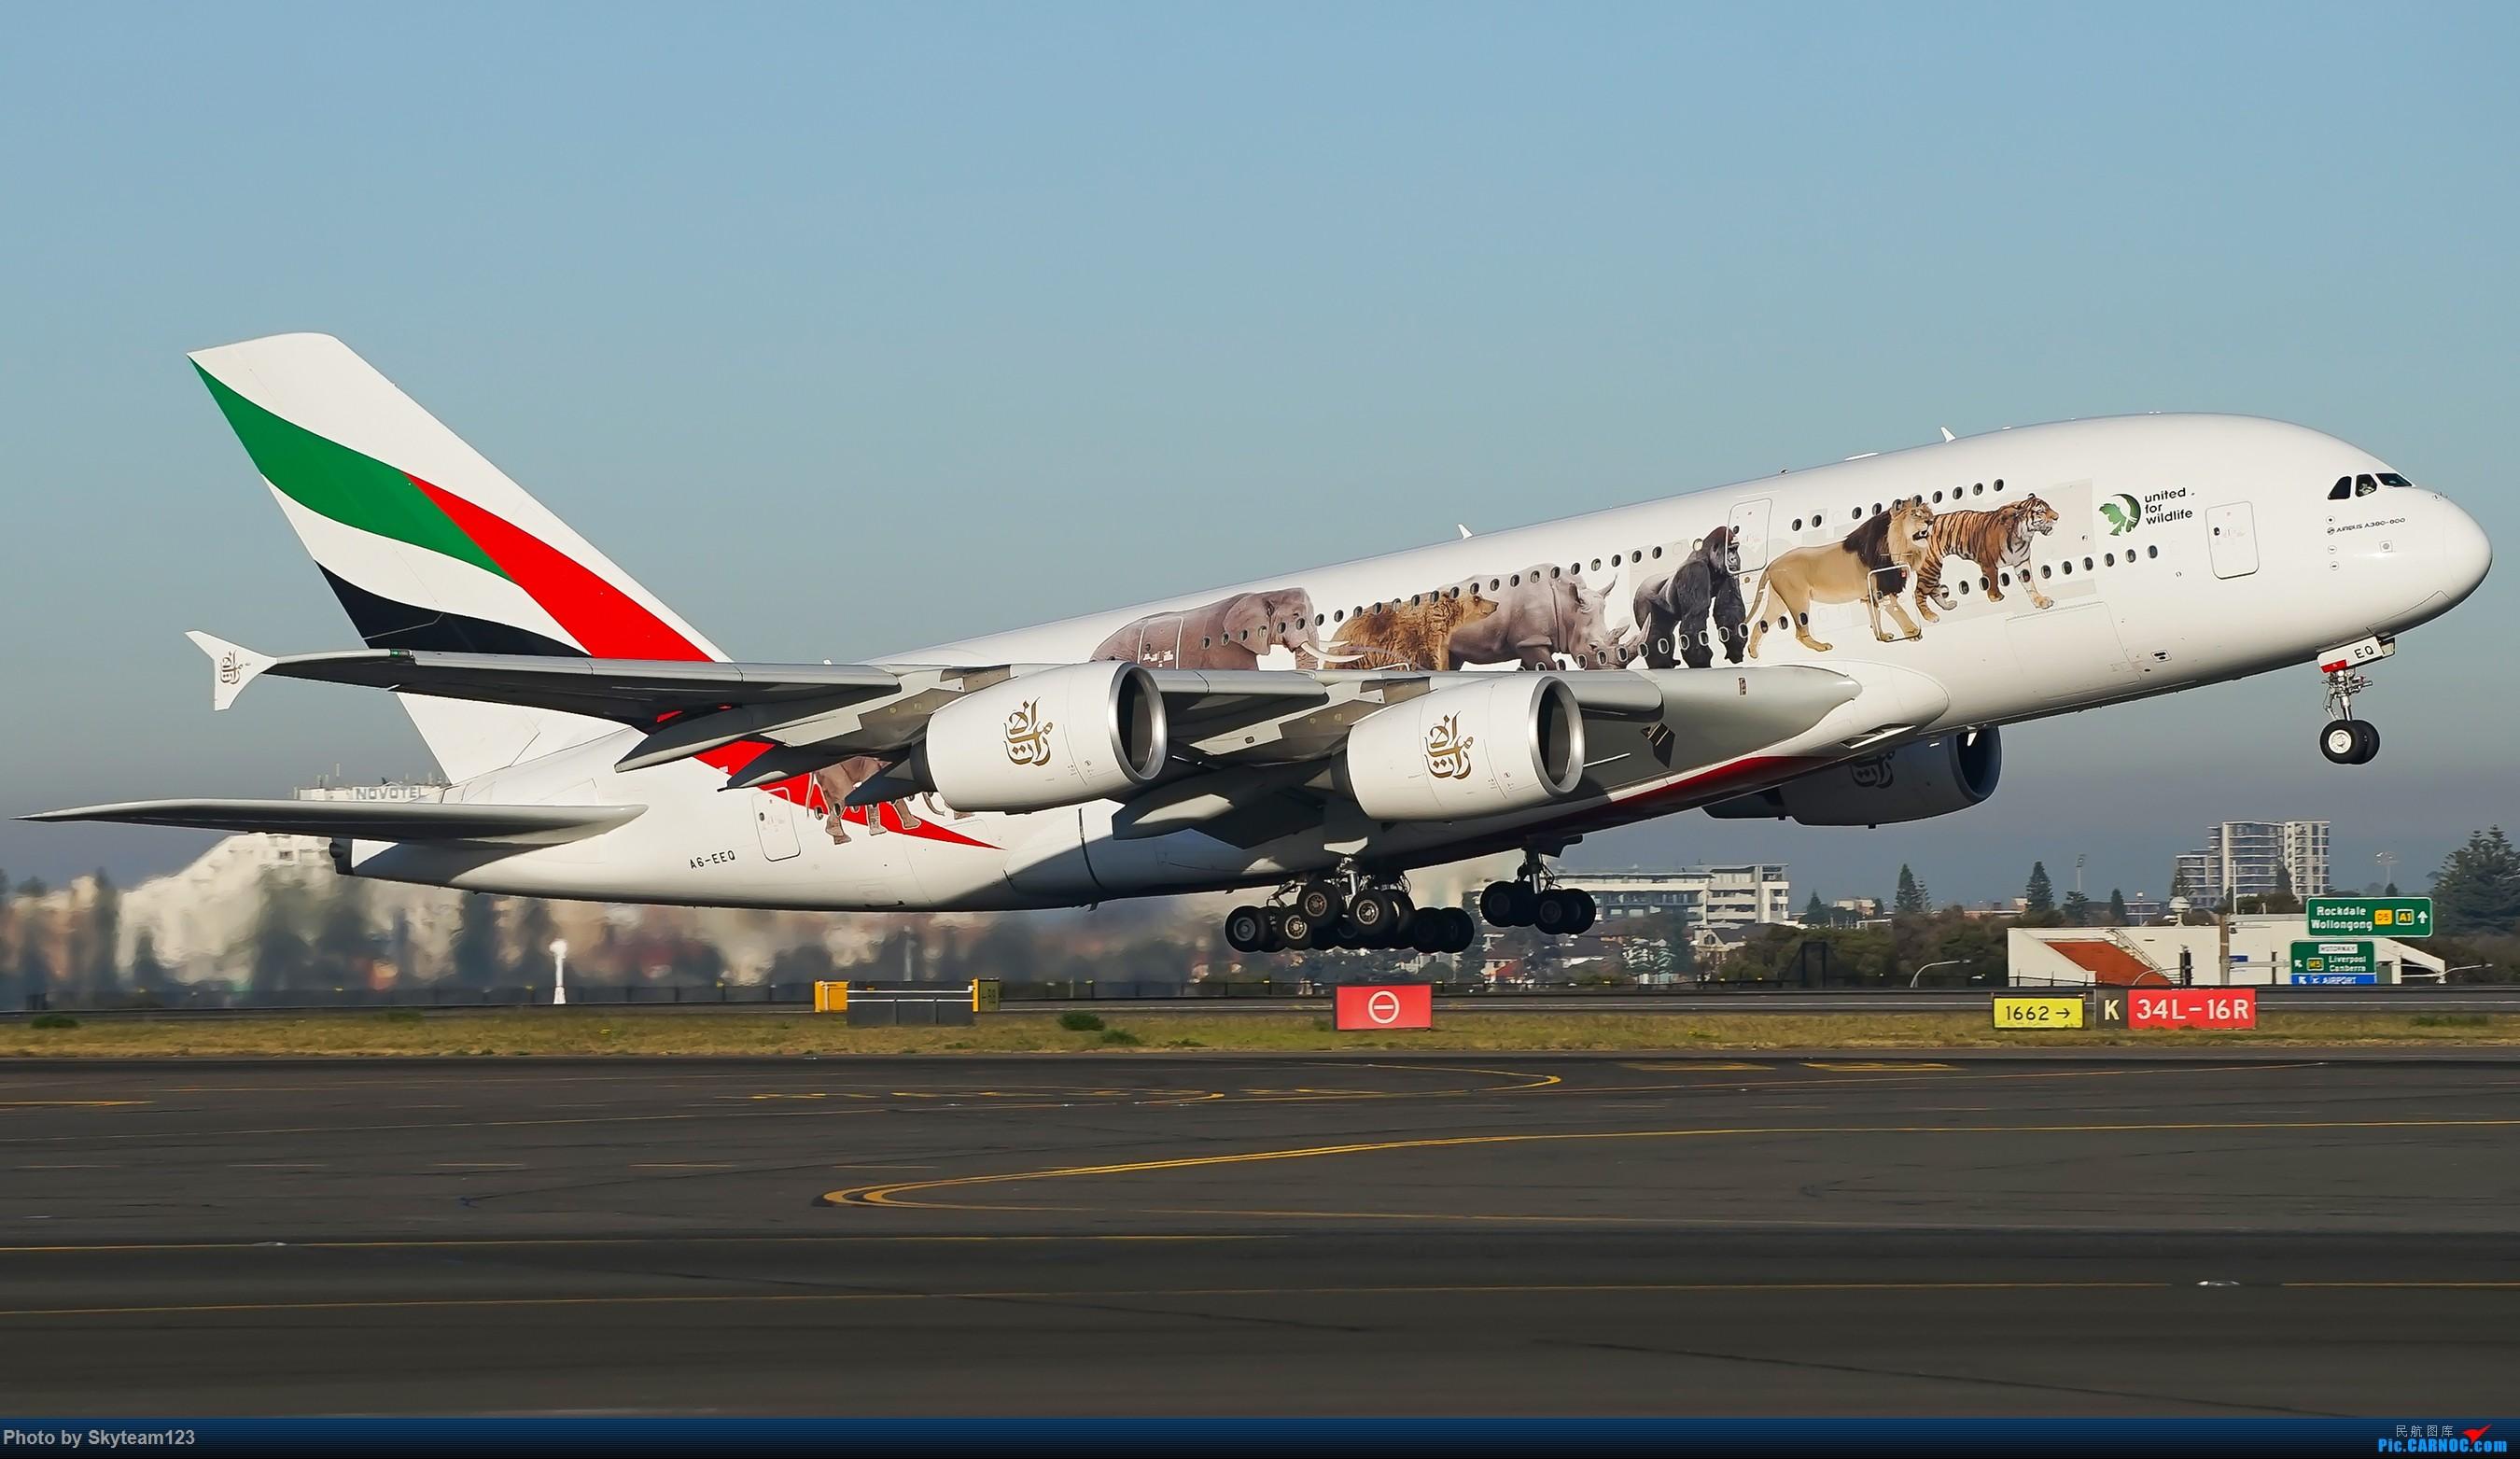 Re:[原创][SYD] 再访Blu EMU停车场 早上34L抵港出发杂图几张 AIRBUS A380-800 A6-EEQ 澳大利亚悉尼金斯福德·史密斯机场